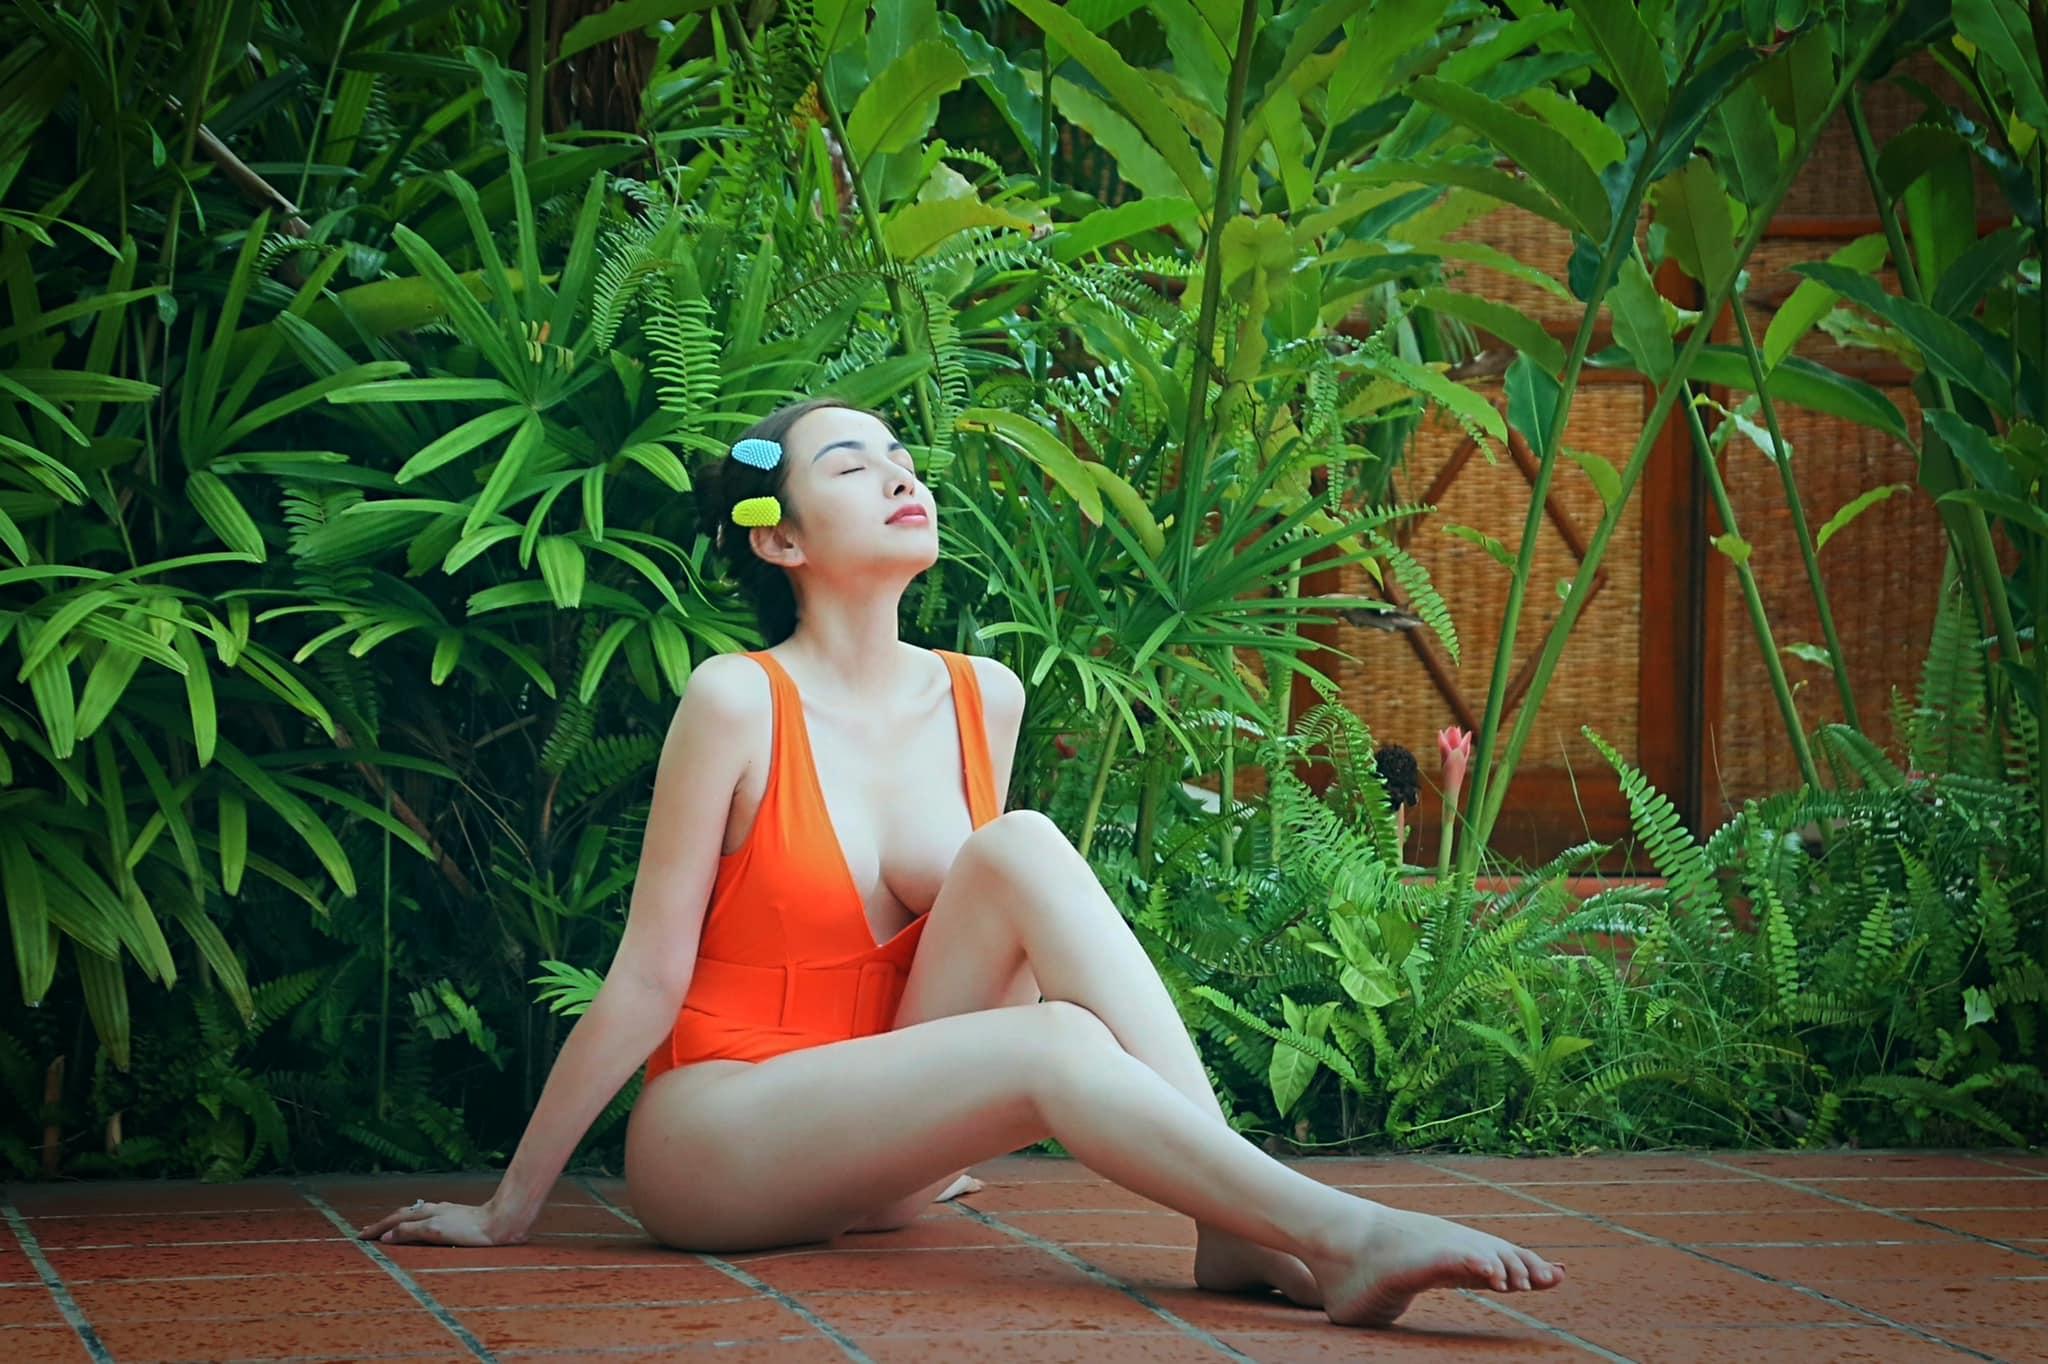 Vừa lộ cát-xê 2 tỷ đồng, mỹ nhân Việt hớp hồn với vẻ đẹp phồn thực - hình ảnh 4